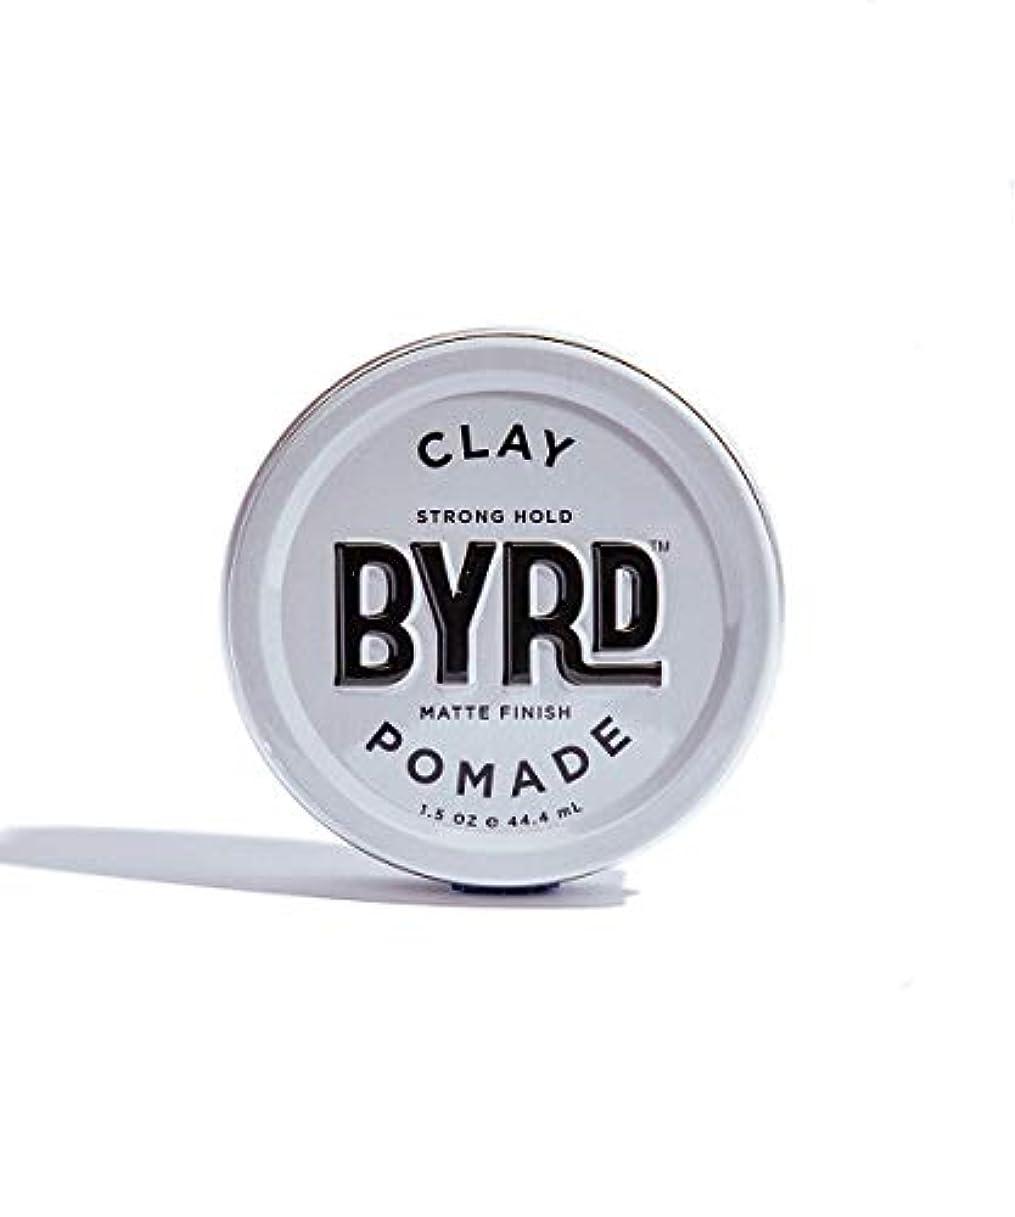 ドライブホステスイースターBYRD/クレイポマード 42g メンズコスメ ワックス ヘアスタイリング かっこいい モテ髪